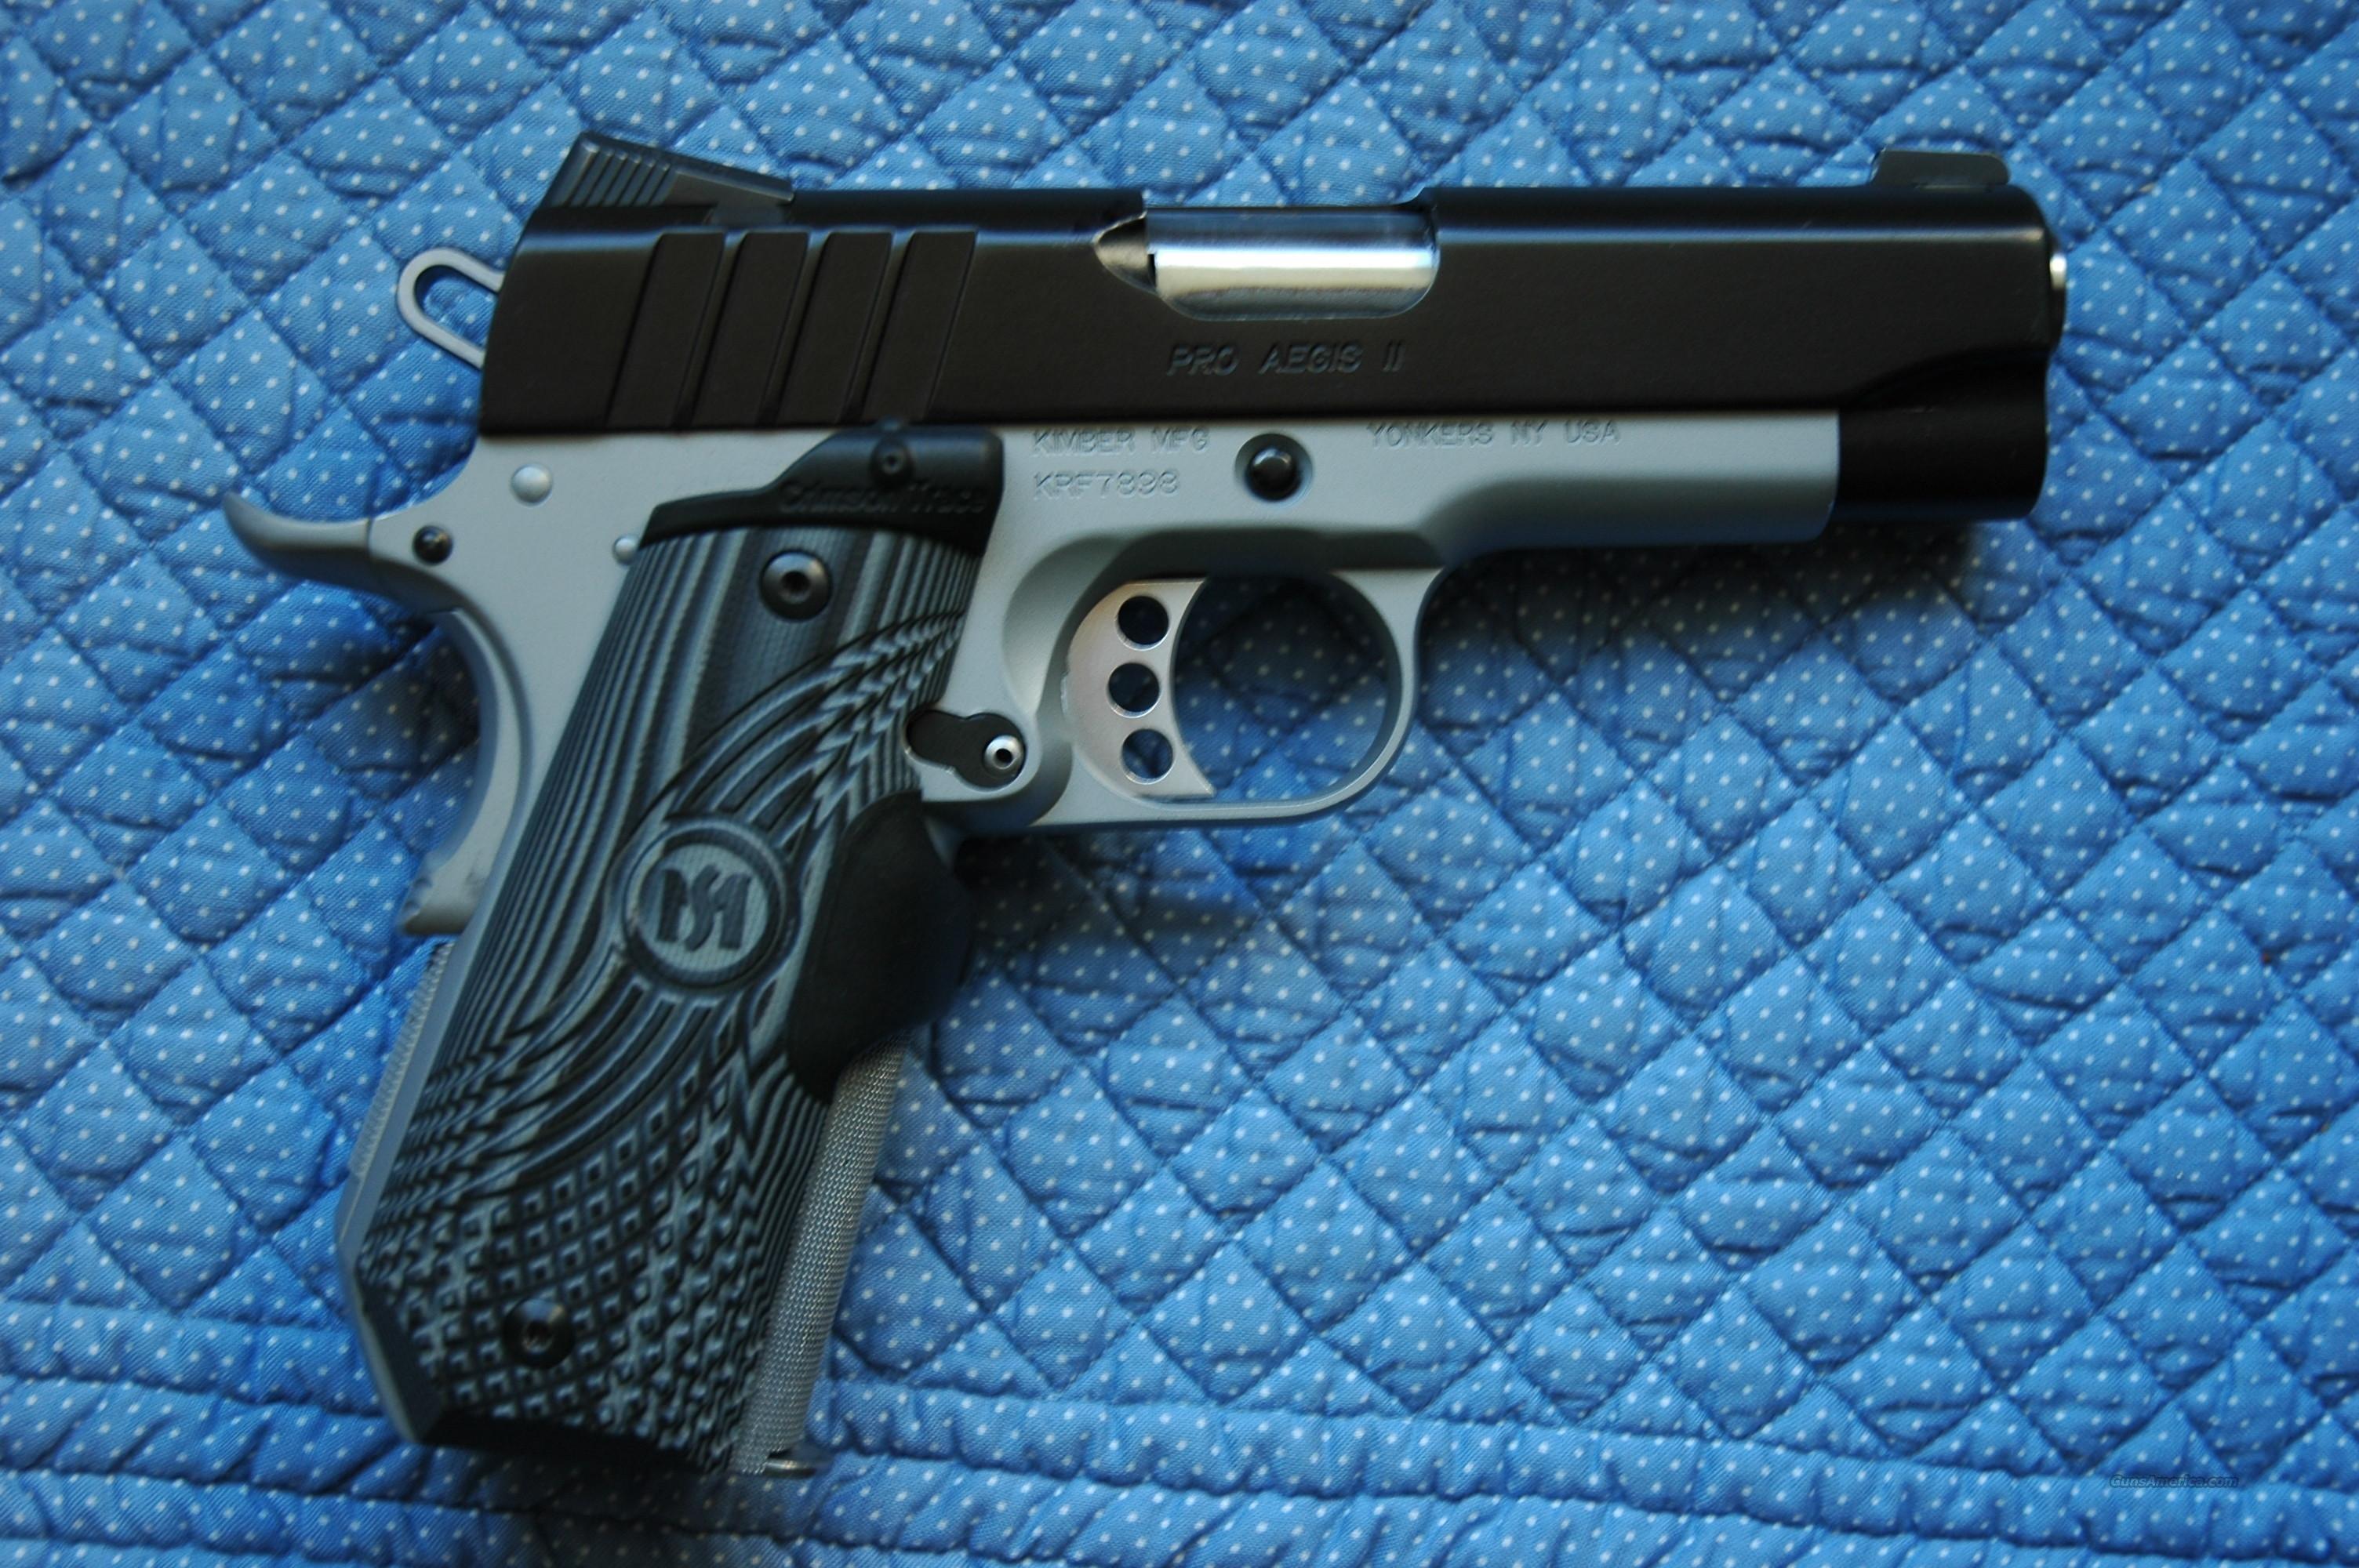 Kimber Aegis 9mm bobtail custom